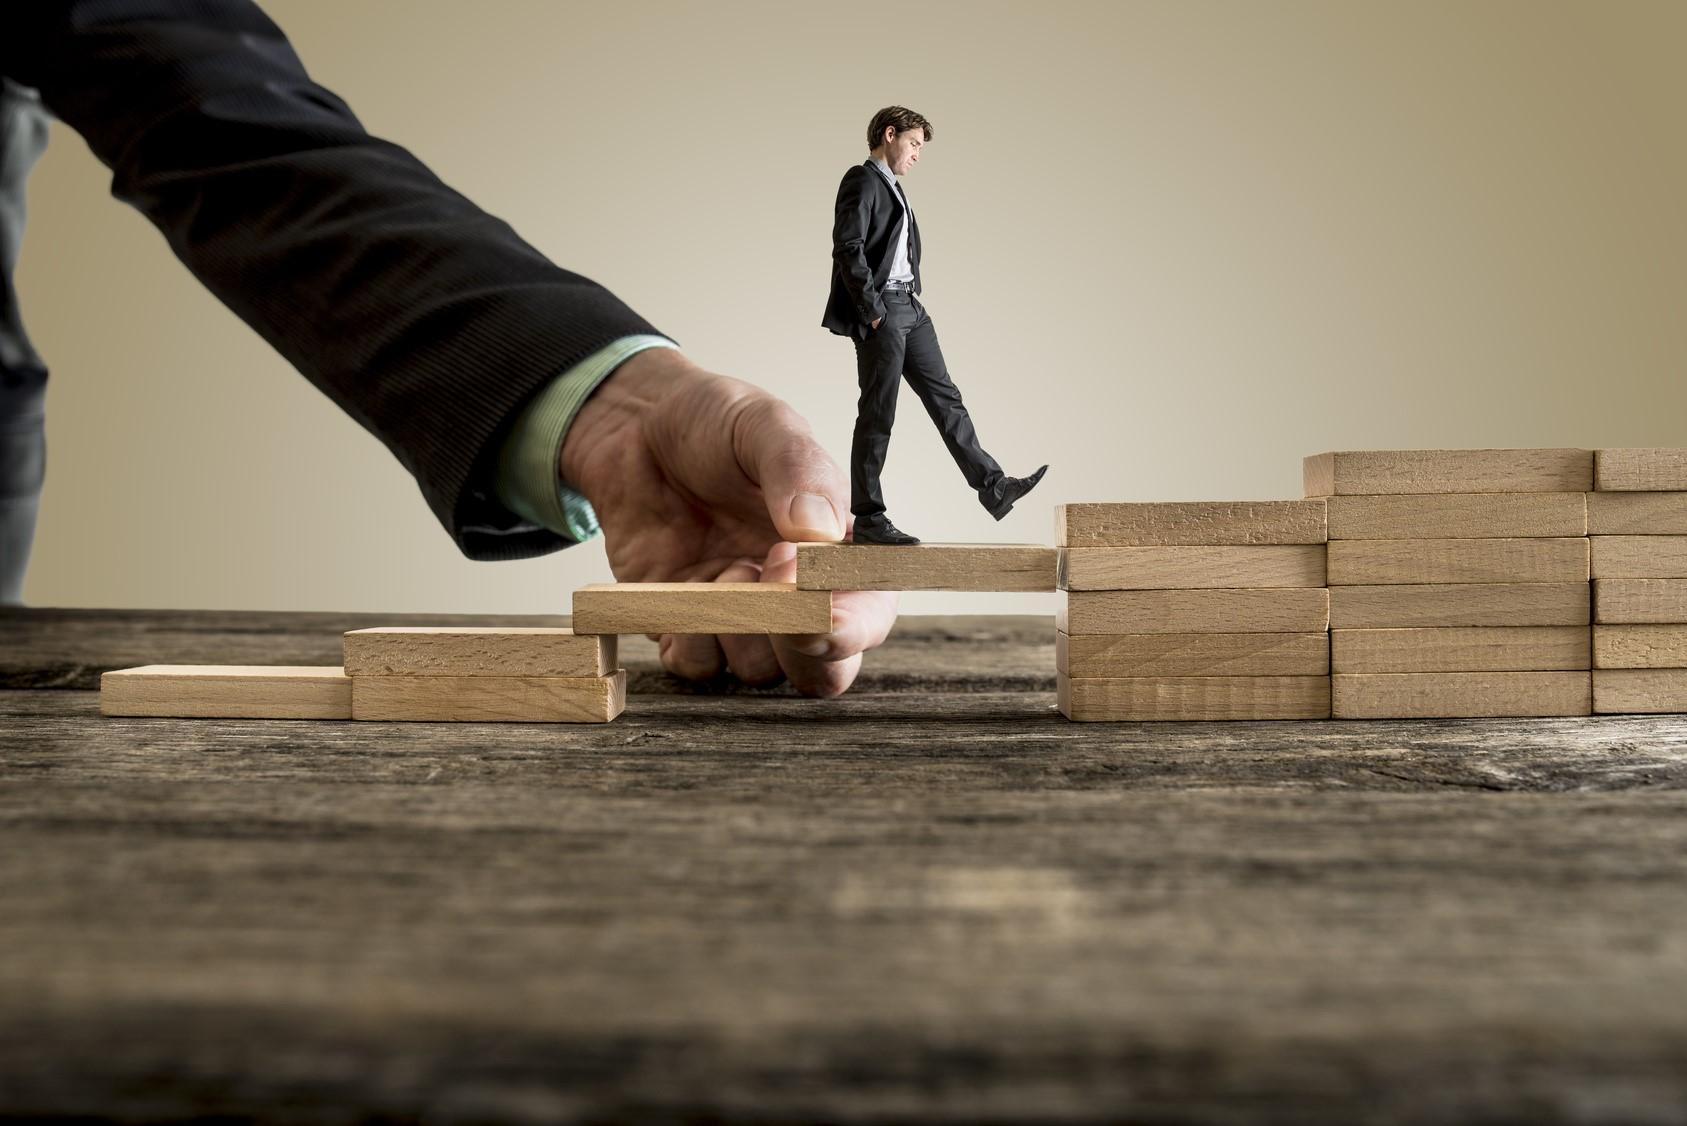 Profiter de la transformation numérique (ou digitale) de la profession comptable pour repenser le cabinet d'expertise comptable